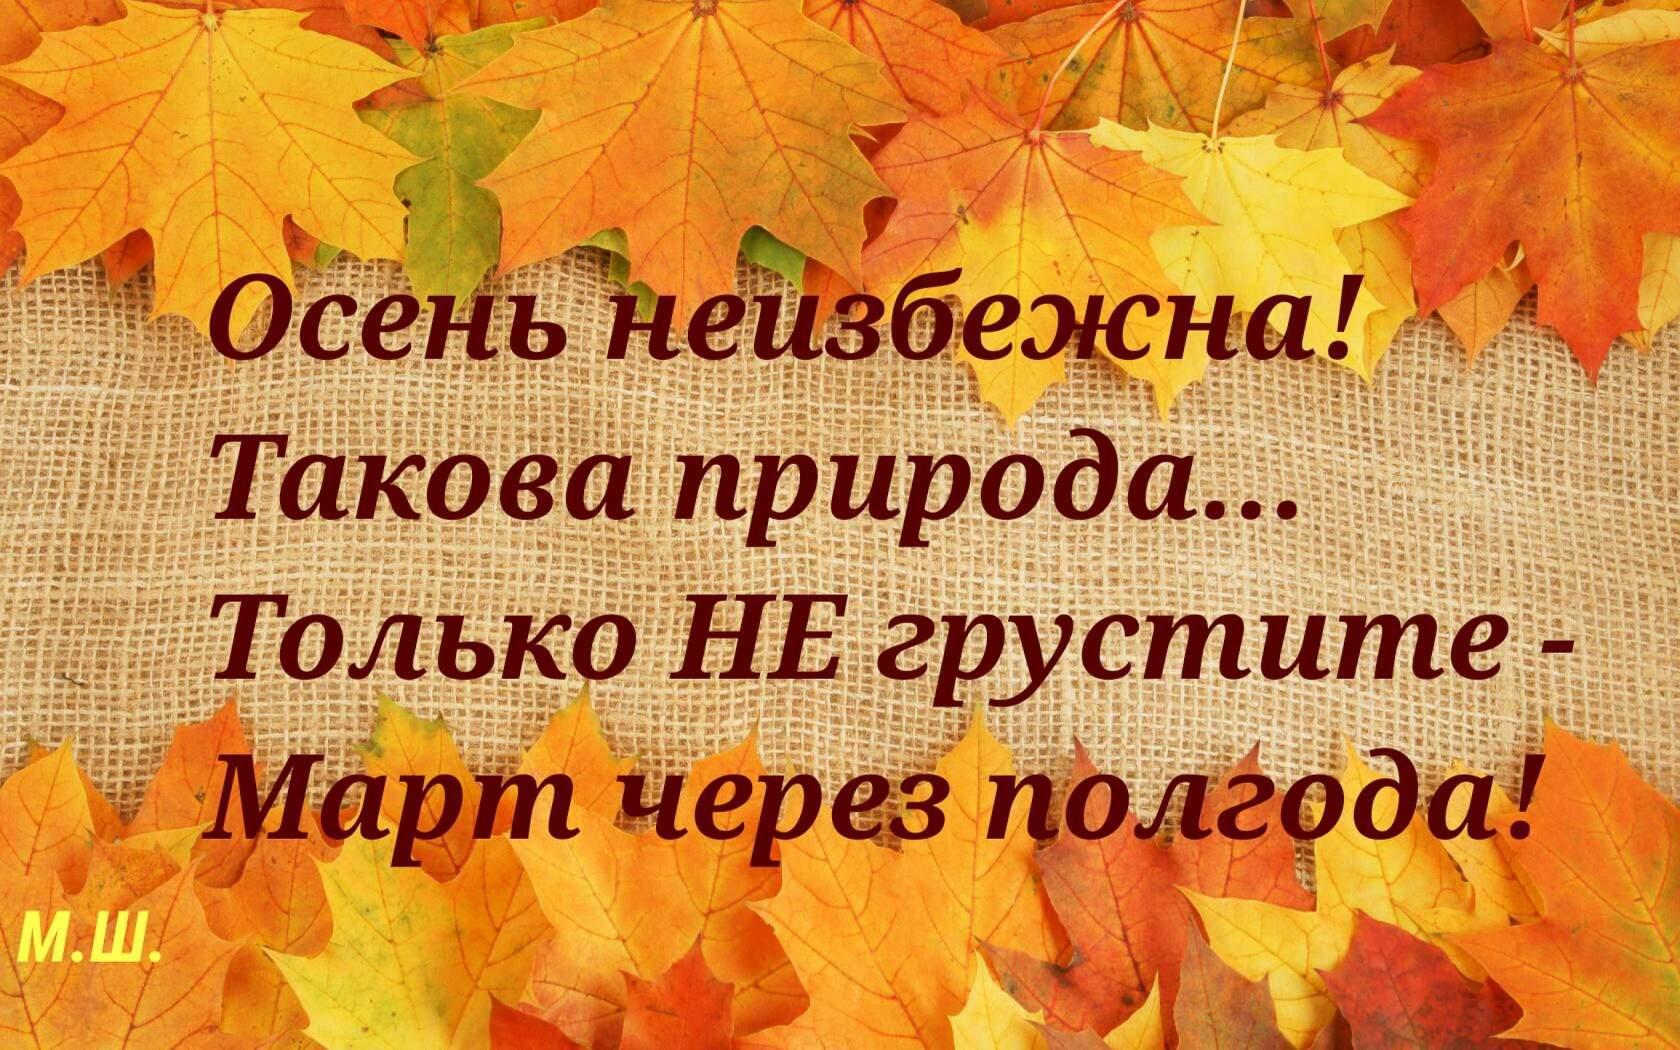 этот цитаты про осень в картинках для гарантирует позвоночнику